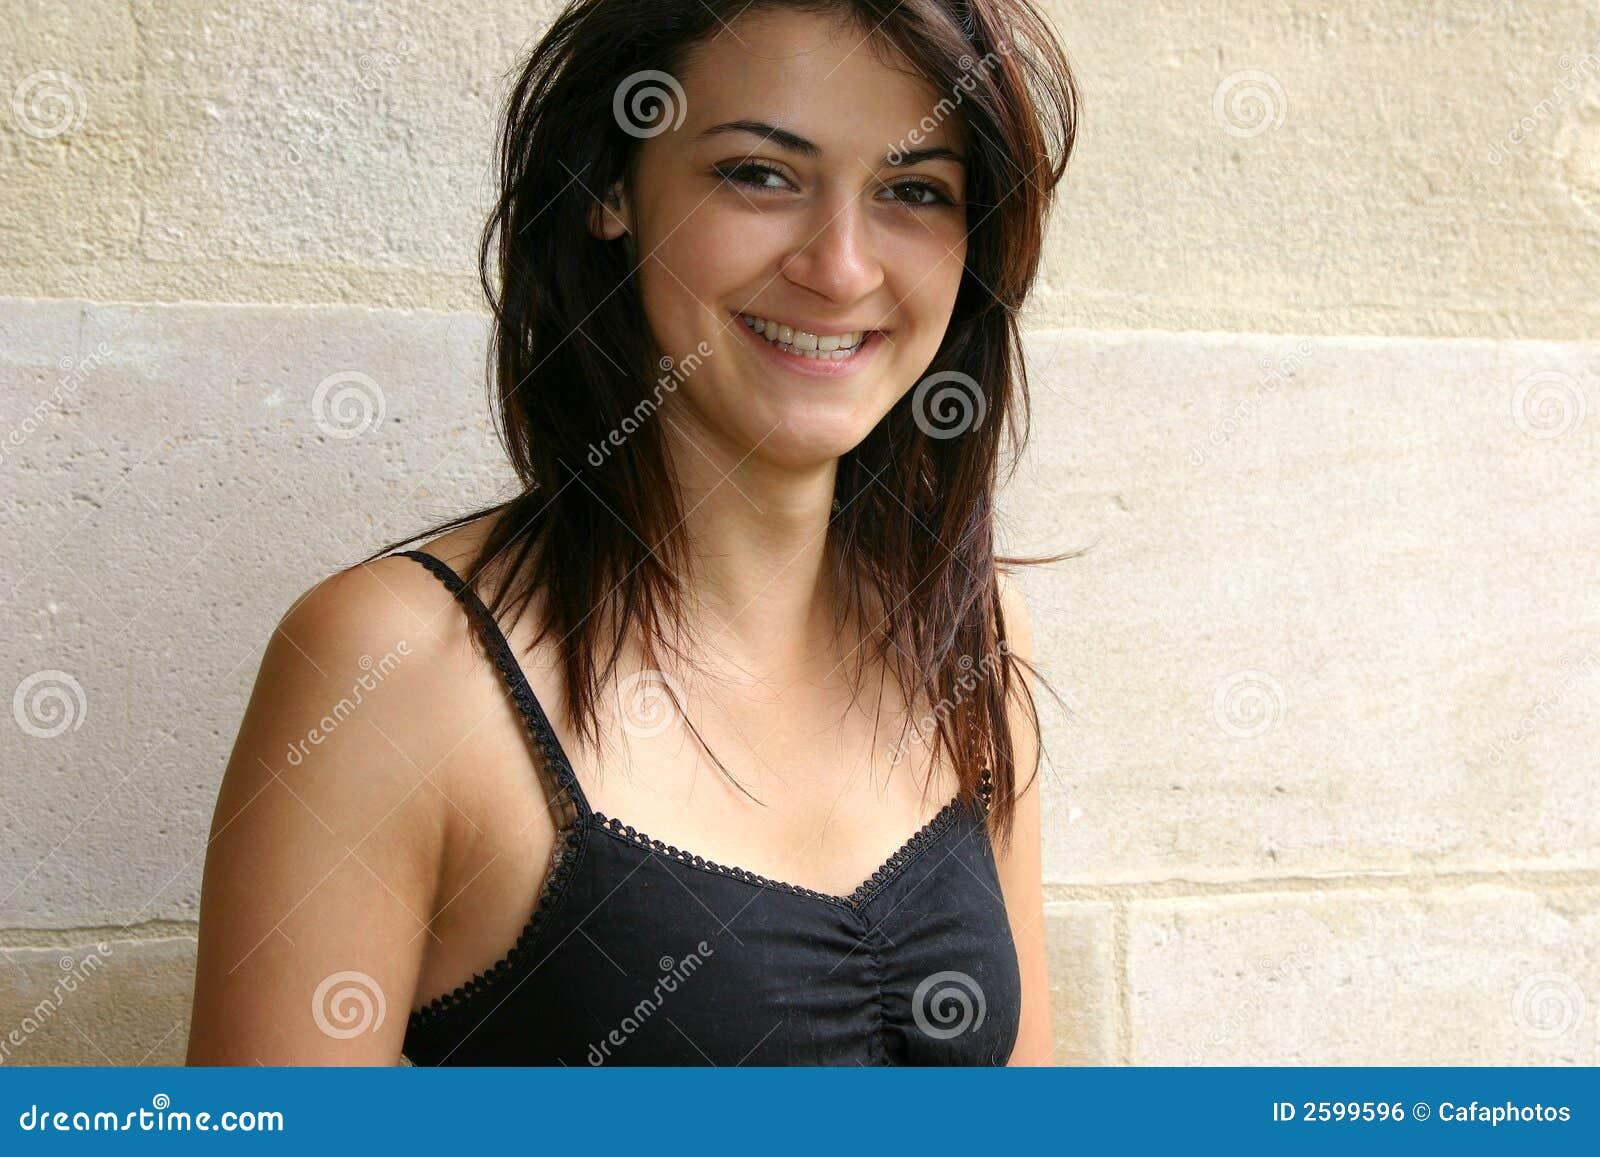 Smiling Brunette Women